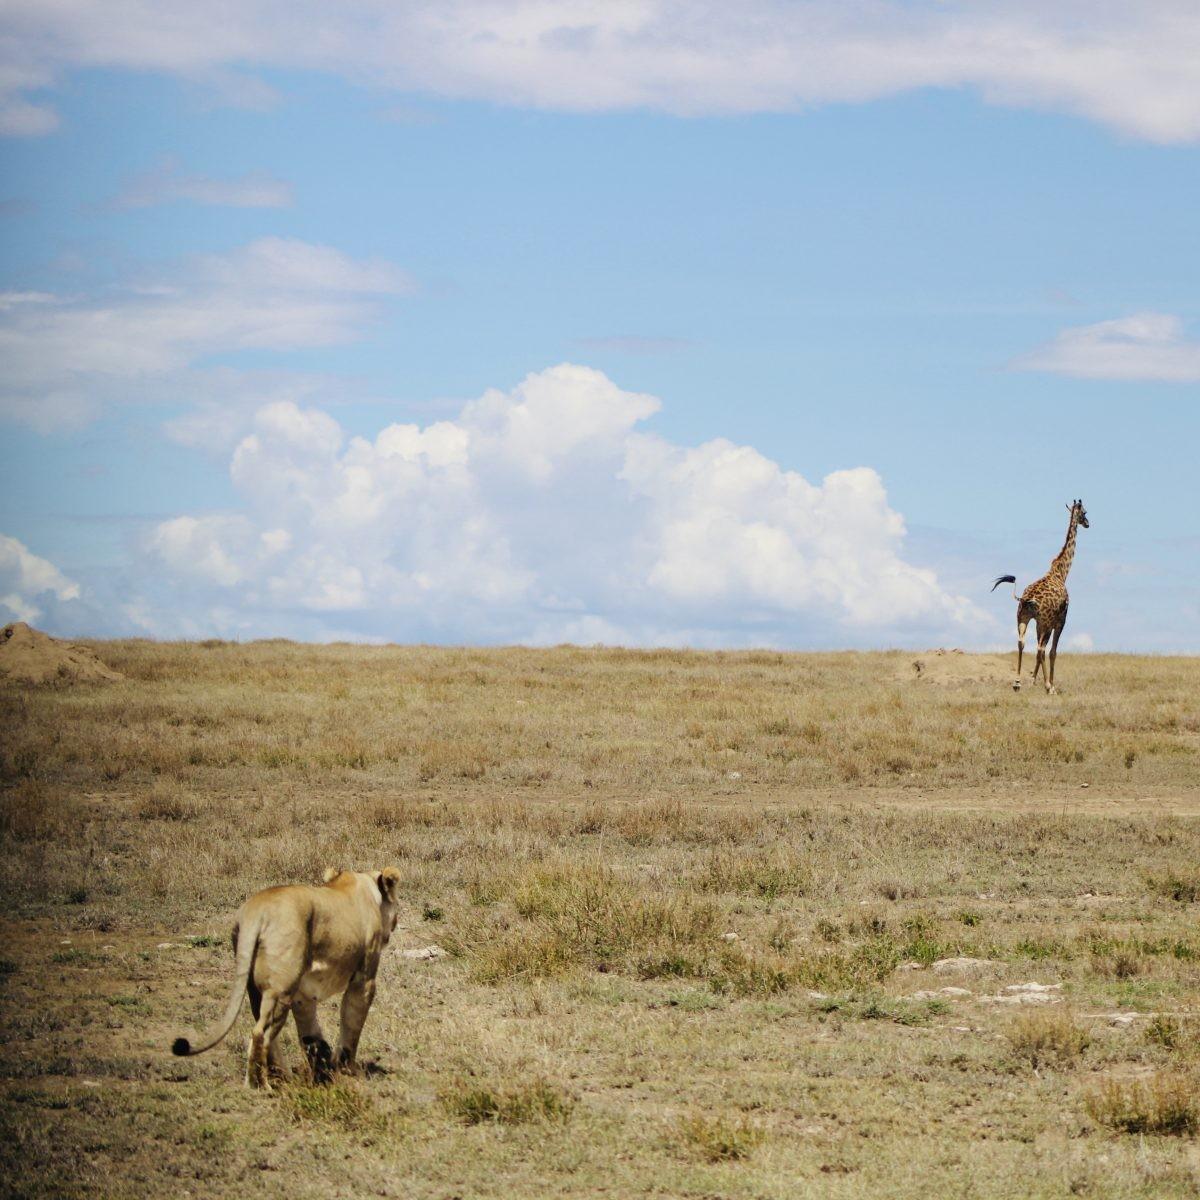 Giraf op de vlucht voor een leeuw. Foto: Pauline van der Waal